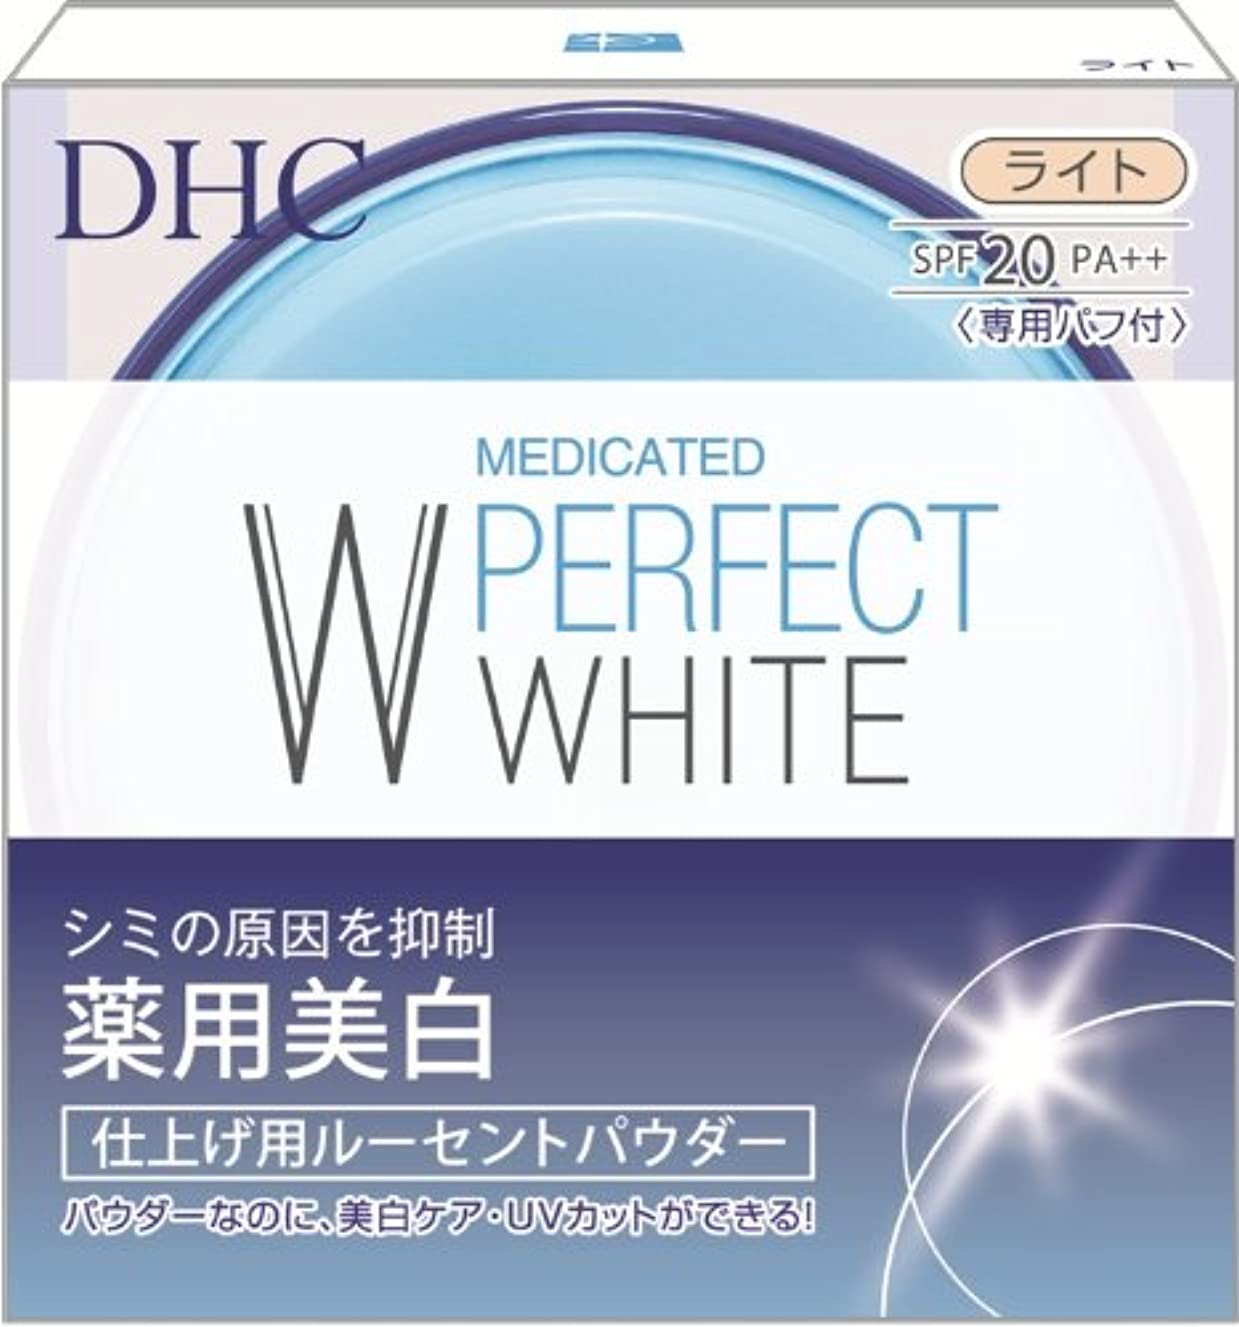 艶ナビゲーション再生可能DHC 薬用PWルーセントパウダーライト8g